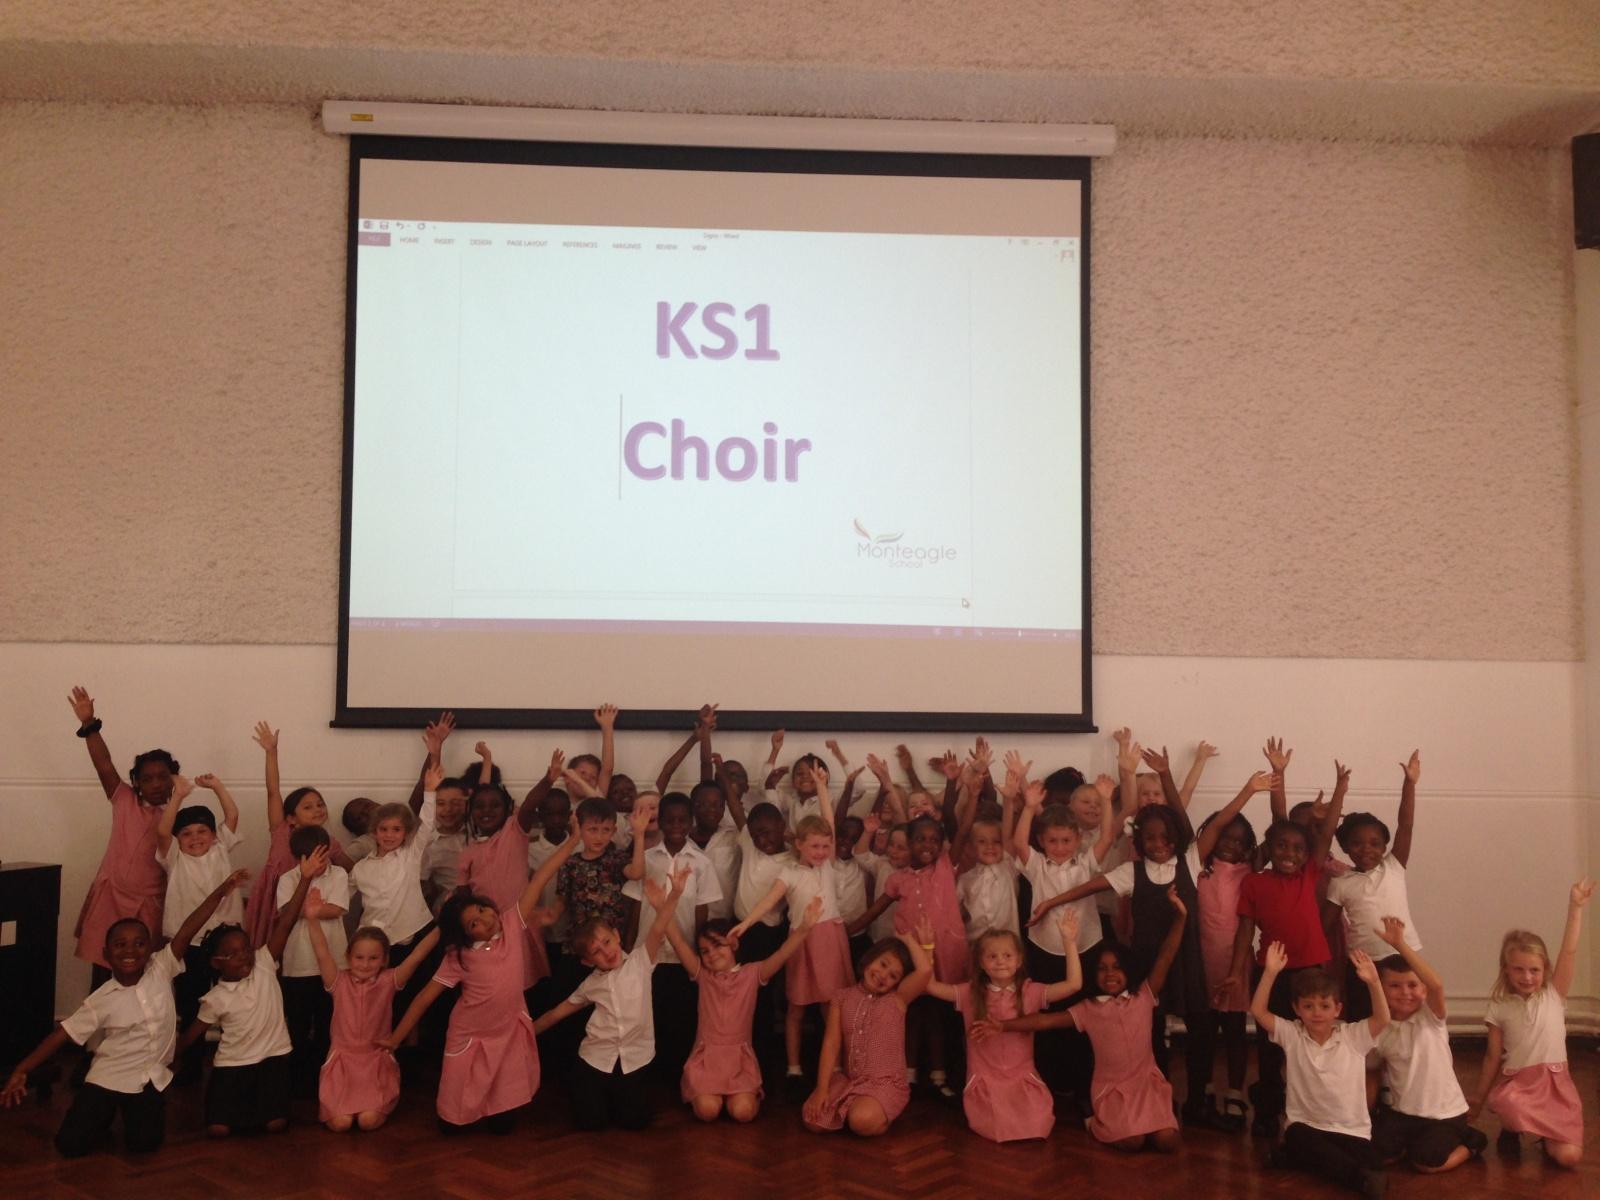 KS1 Choir